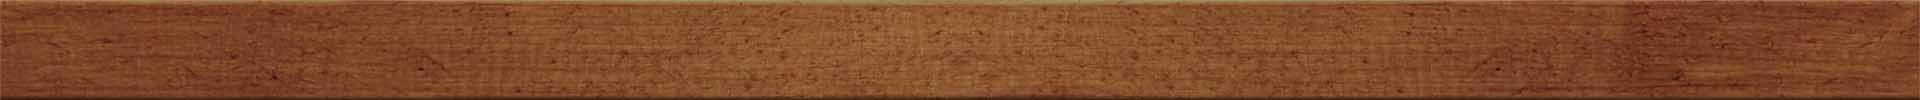 الوار چوبی